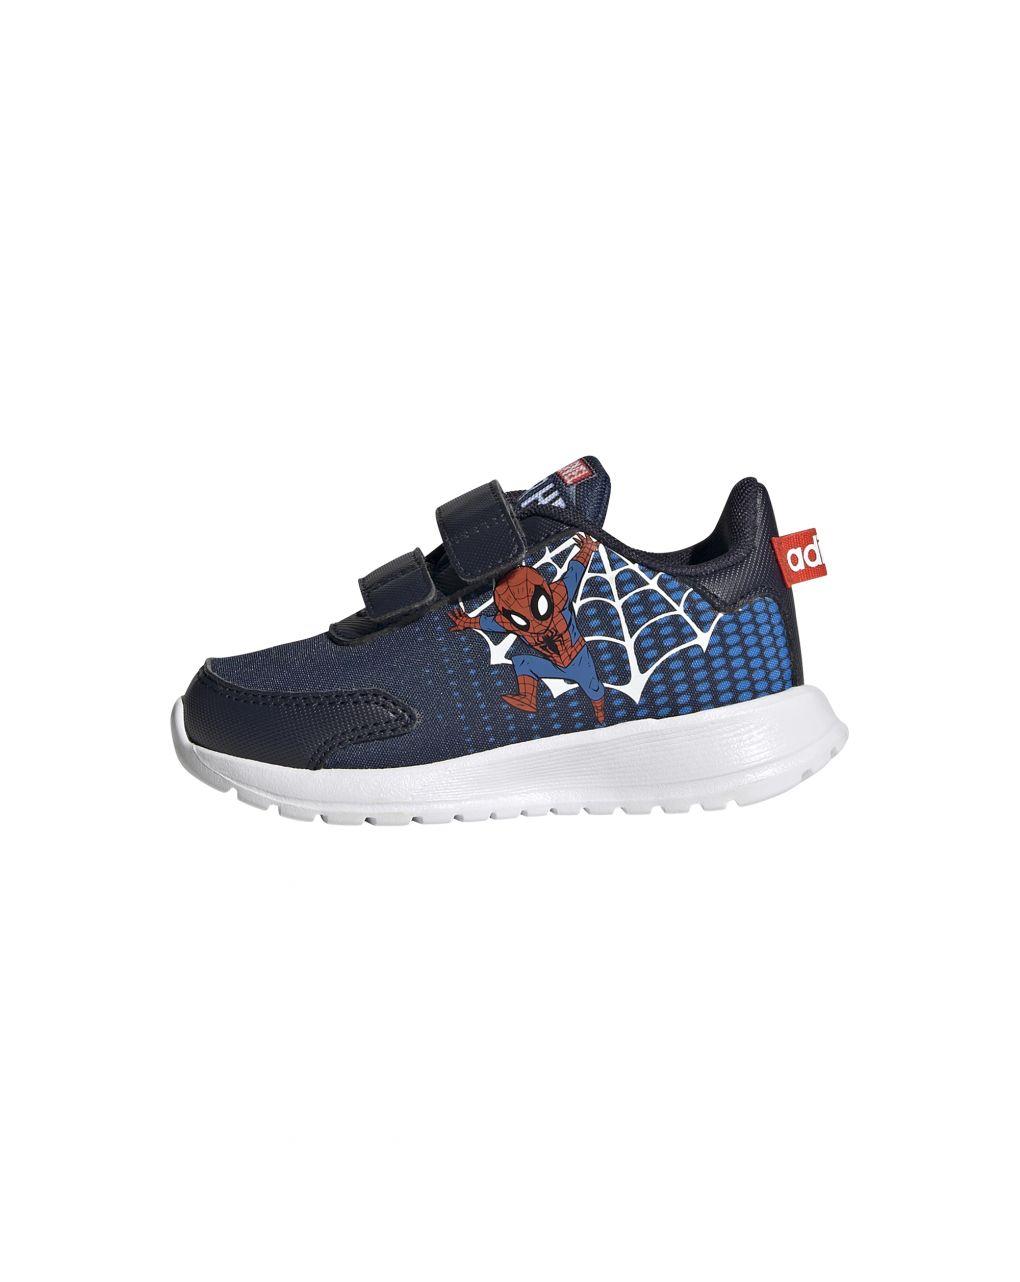 Αθλητικά Παπούτσια Adidas Spiderman Tensaur Run I για Αγόρι